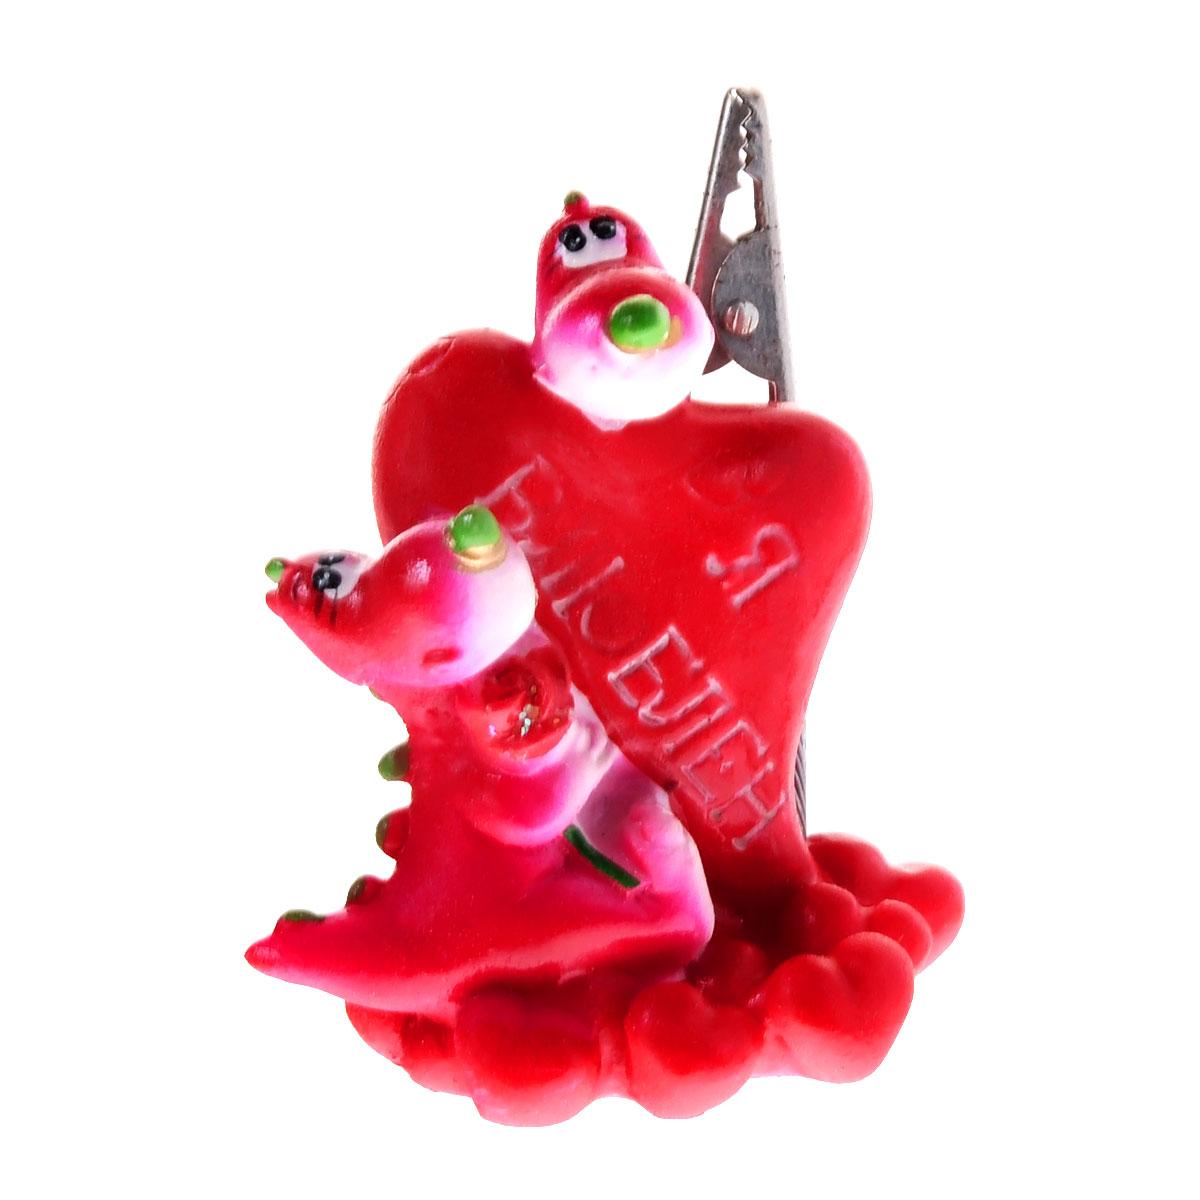 Статуэтка декоративная Lunten Ranta Дракон. Я влюблен, с держателем для карточек, цвет: красный, розовый74-0120Очаровательная статуэтка Lunten Ranta Дракон. Я влюблен станет оригинальным подарком для всех любителей стильных вещей. Она выполнена из полирезины в виде дракончиков с сердечком. Статуэтка оснащена металлическим держателем для карточек. Изысканный сувенир станет прекрасным дополнением к интерьеру. Вы можете поставить статуэтку в любом месте, где она будет удачно смотреться, и радовать глаз.